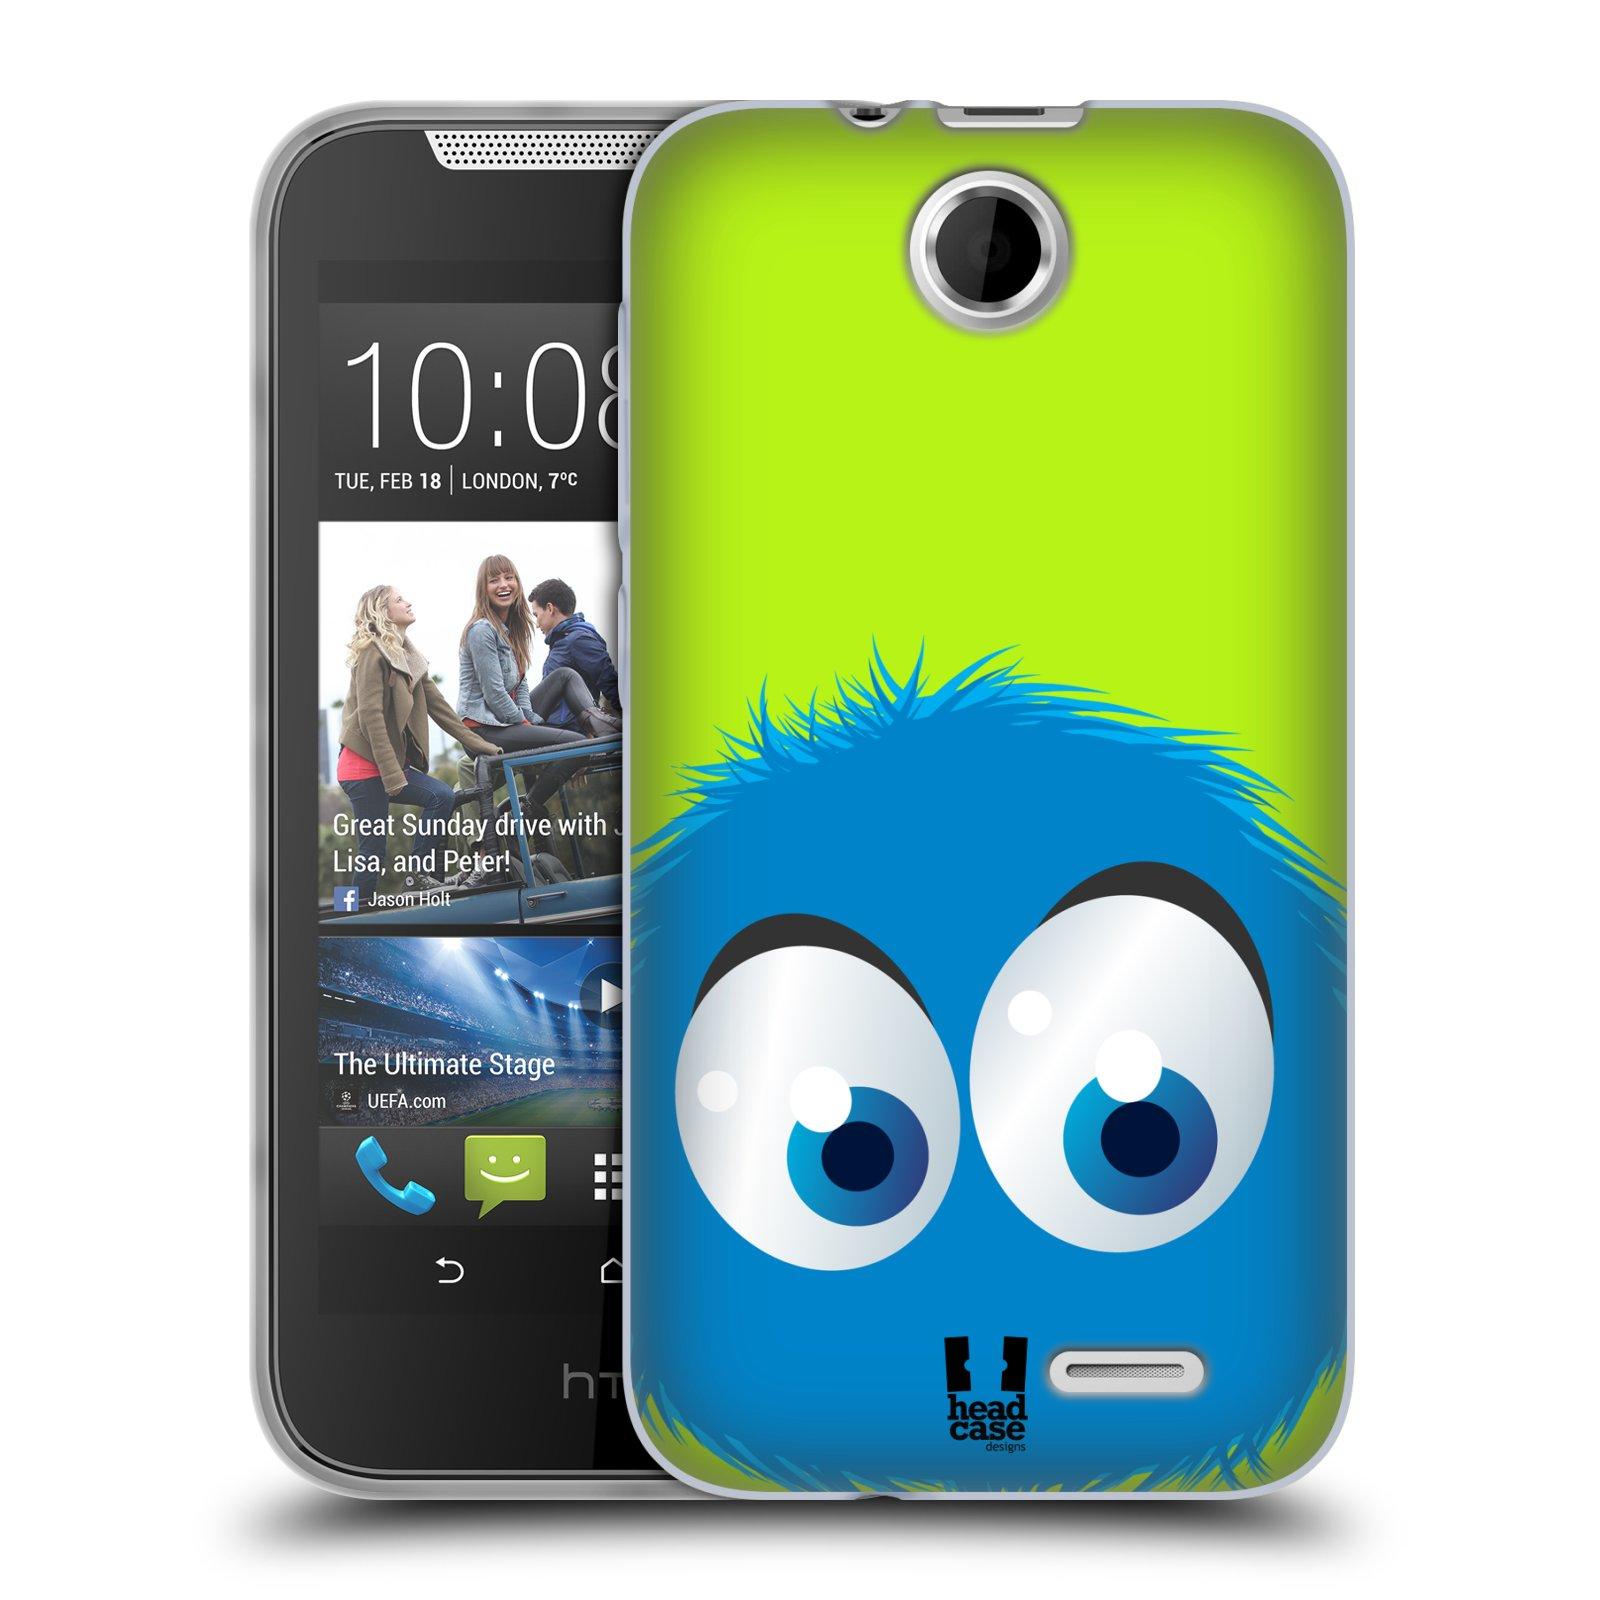 Silikonové pouzdro na mobil HTC Desire 310 HEAD CASE FUZÍK MODRÝ (Silikonový kryt či obal na mobilní telefon HTC Desire 310)